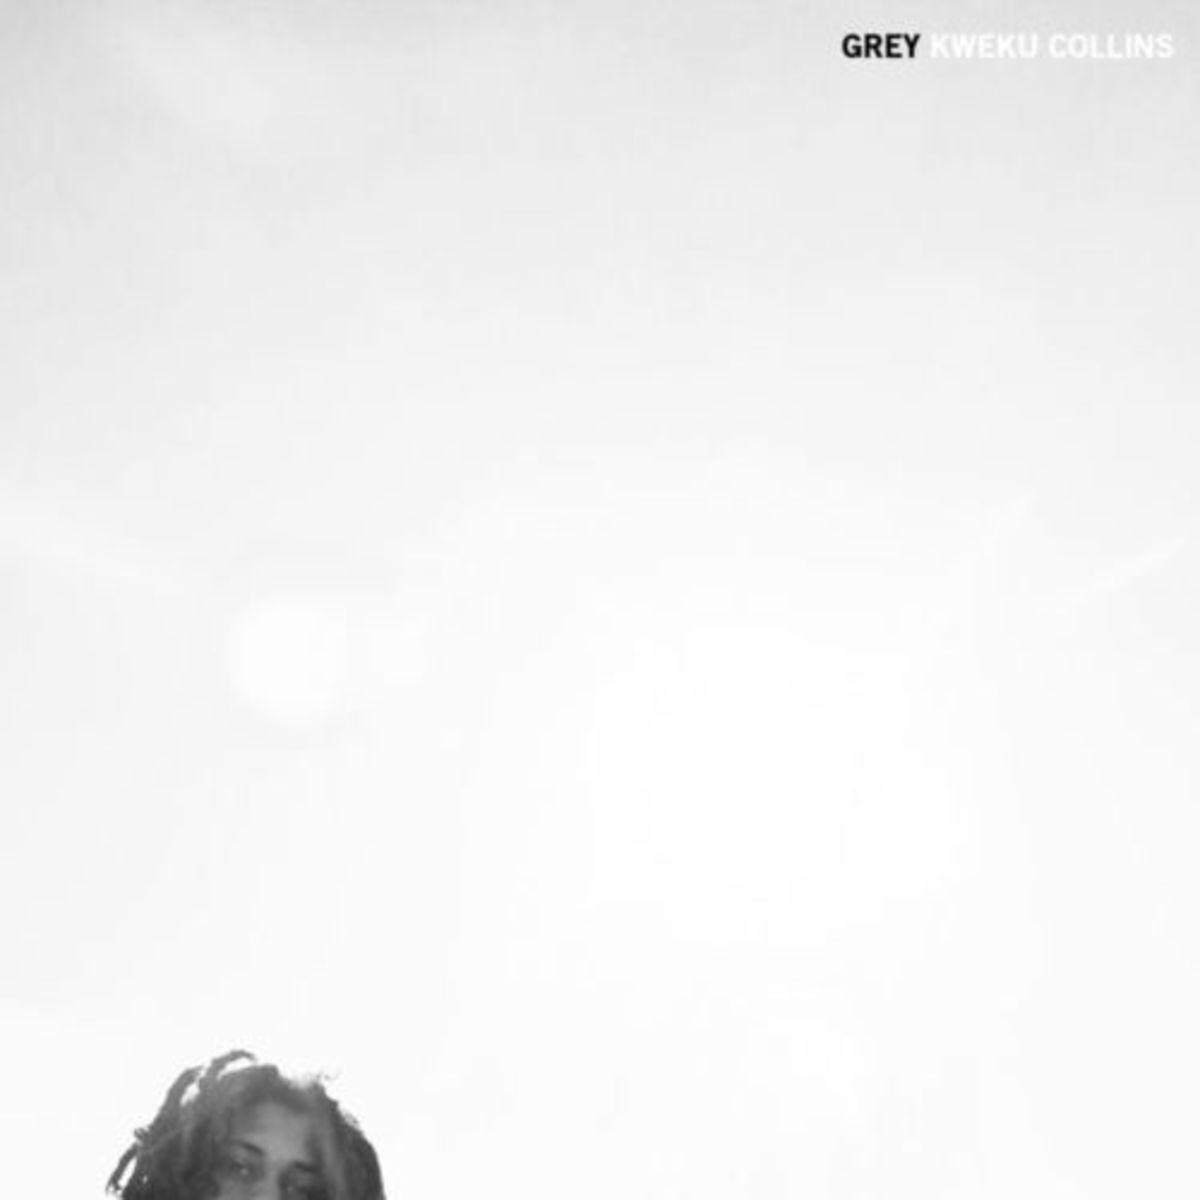 kweku-collins-grey.jpg